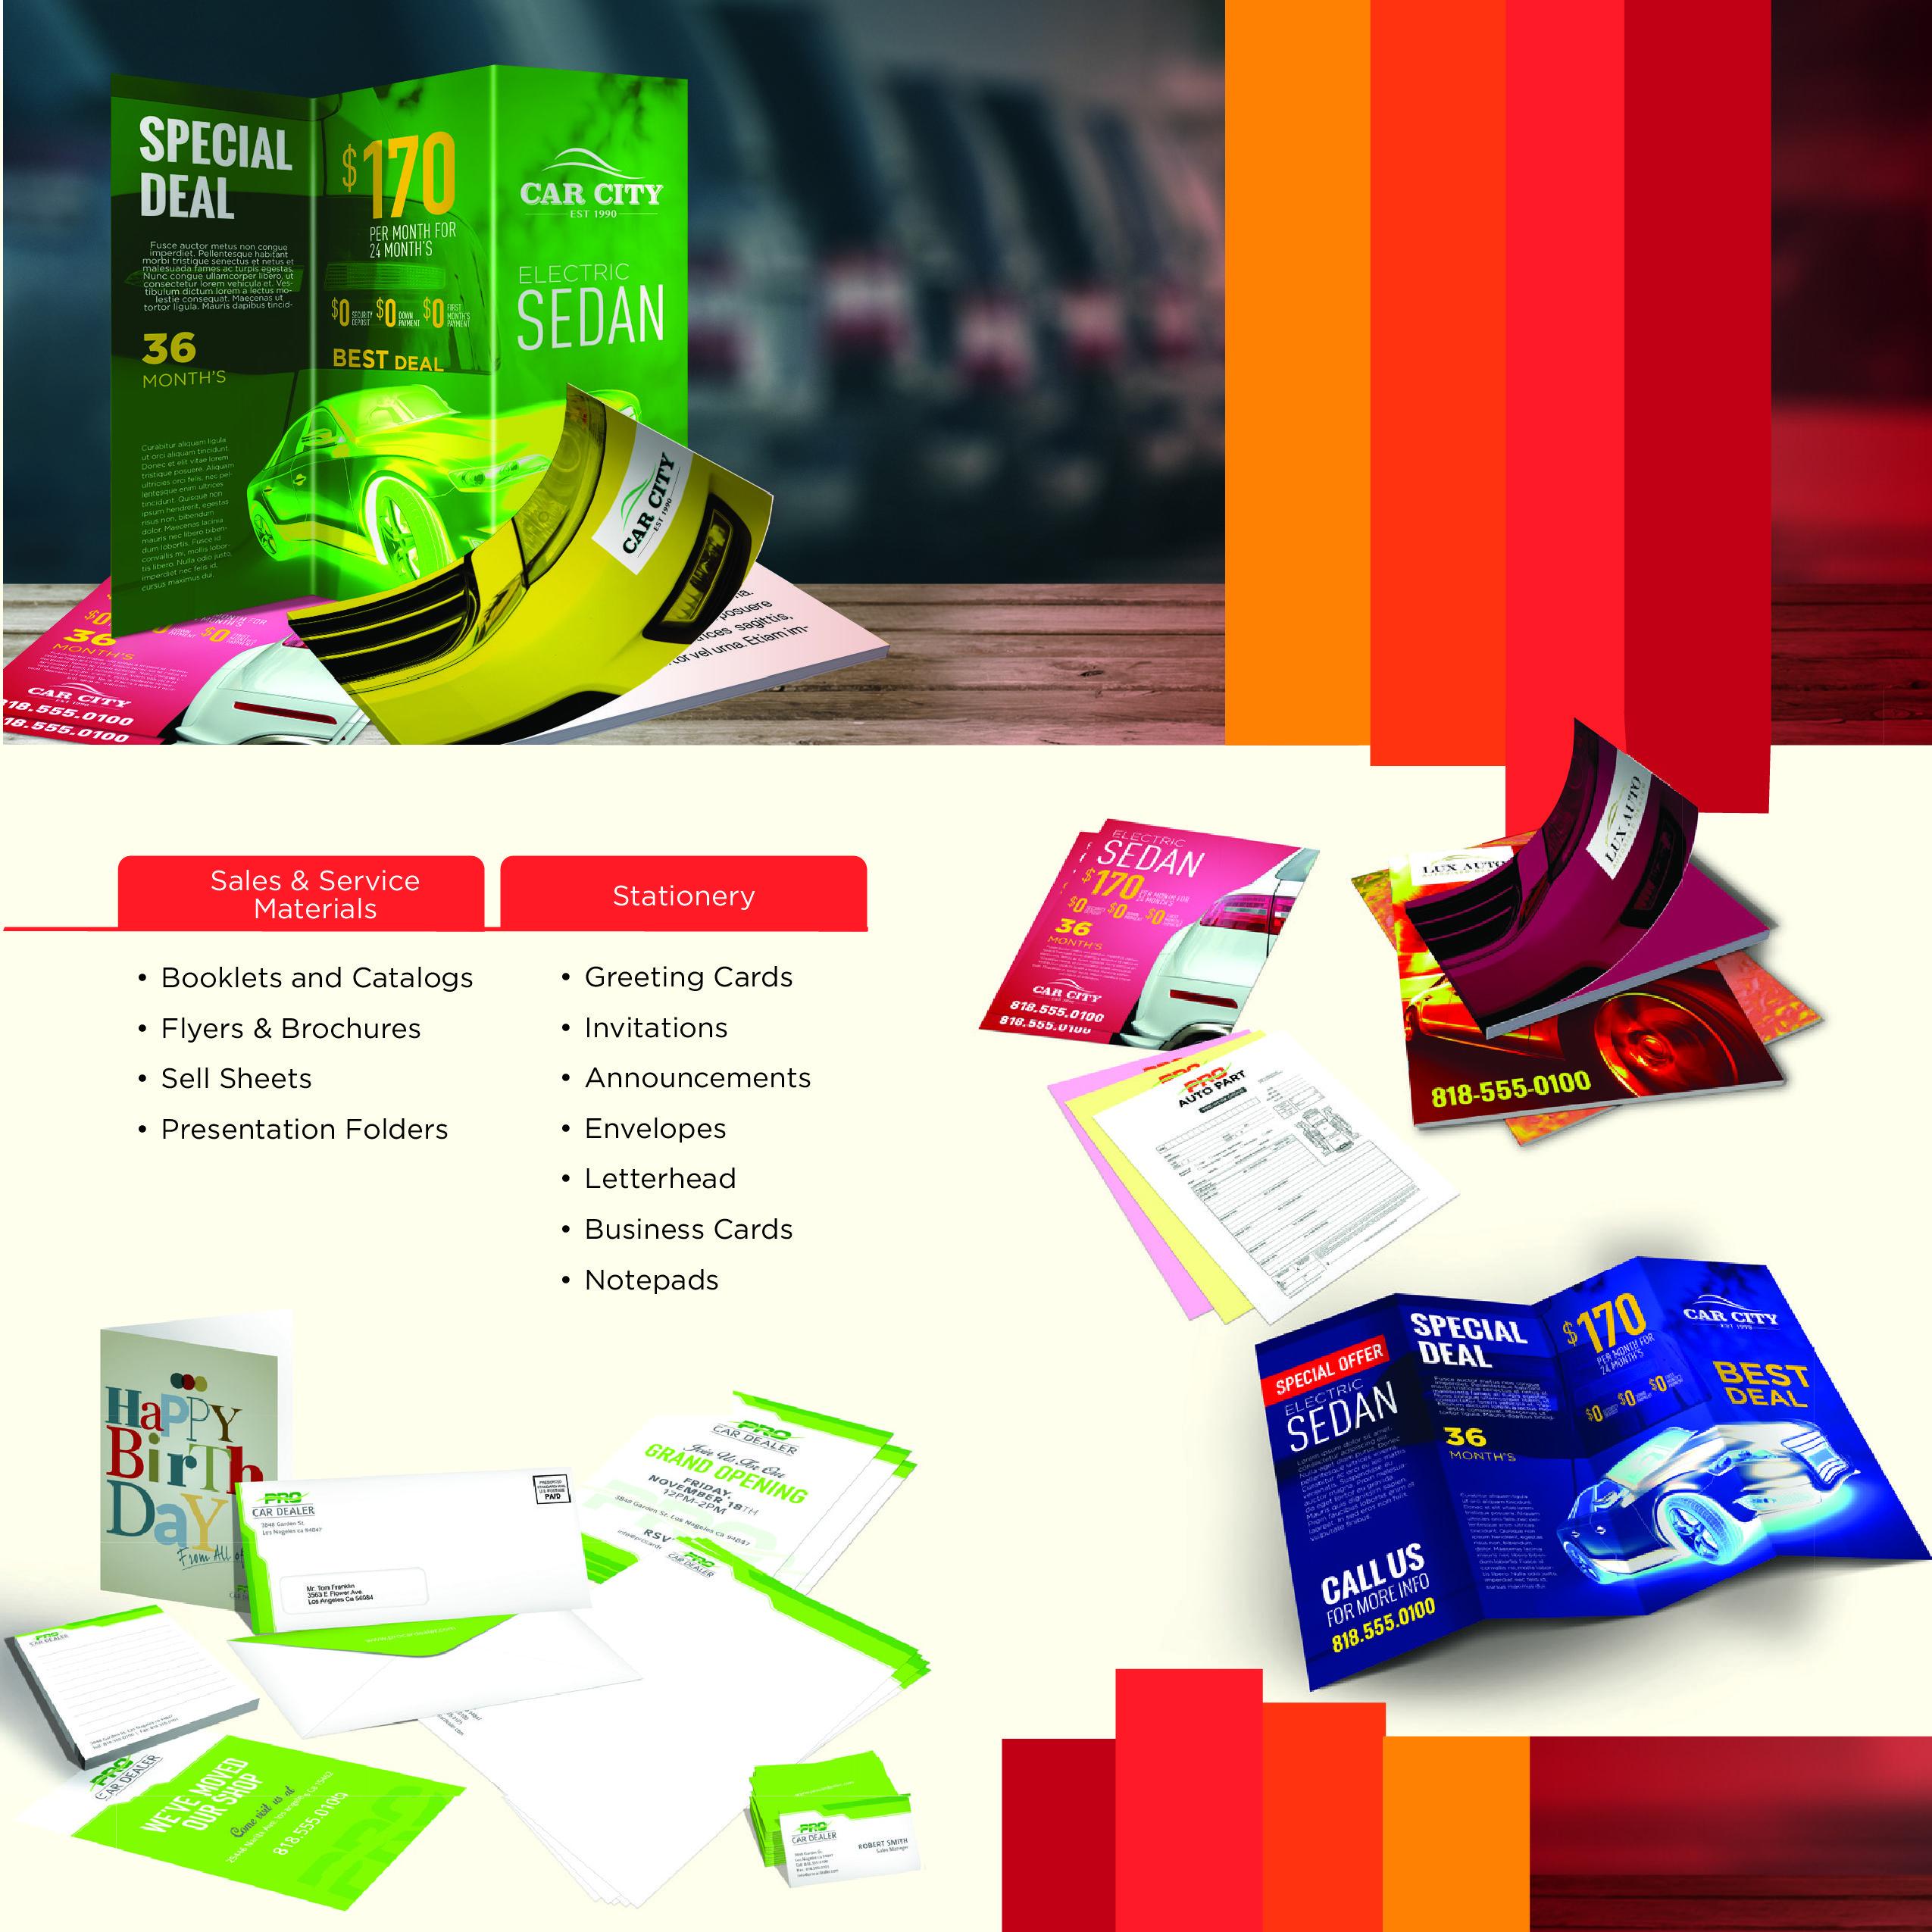 marketing materials, design & more - big media - think big